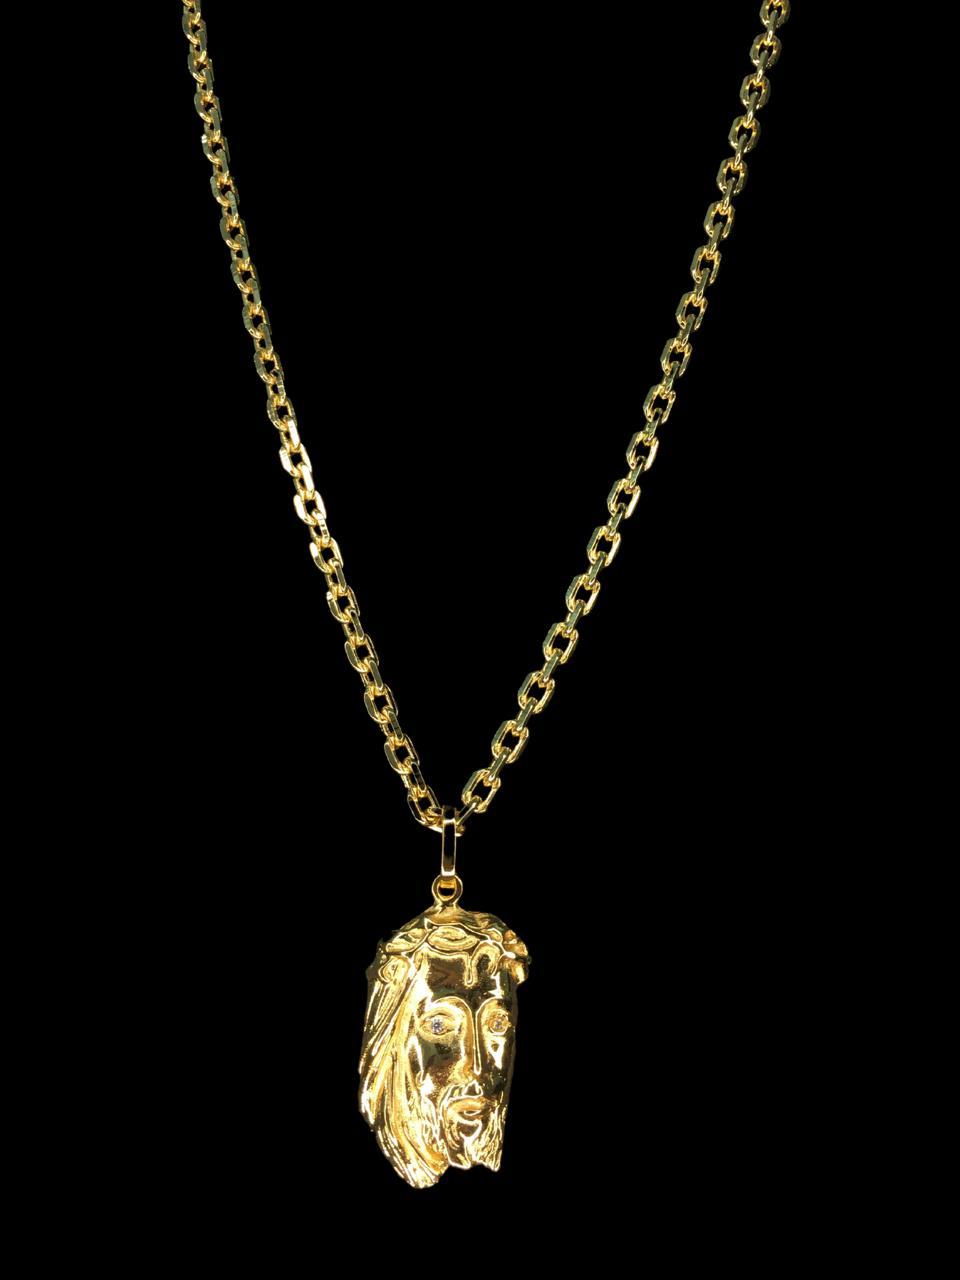 Kit Corrente cartie - 3 milímetros -   70 centímetros  - fecho gaveta   Com Pingente face de Jesus Cristo  Banhados a Ouro 18k